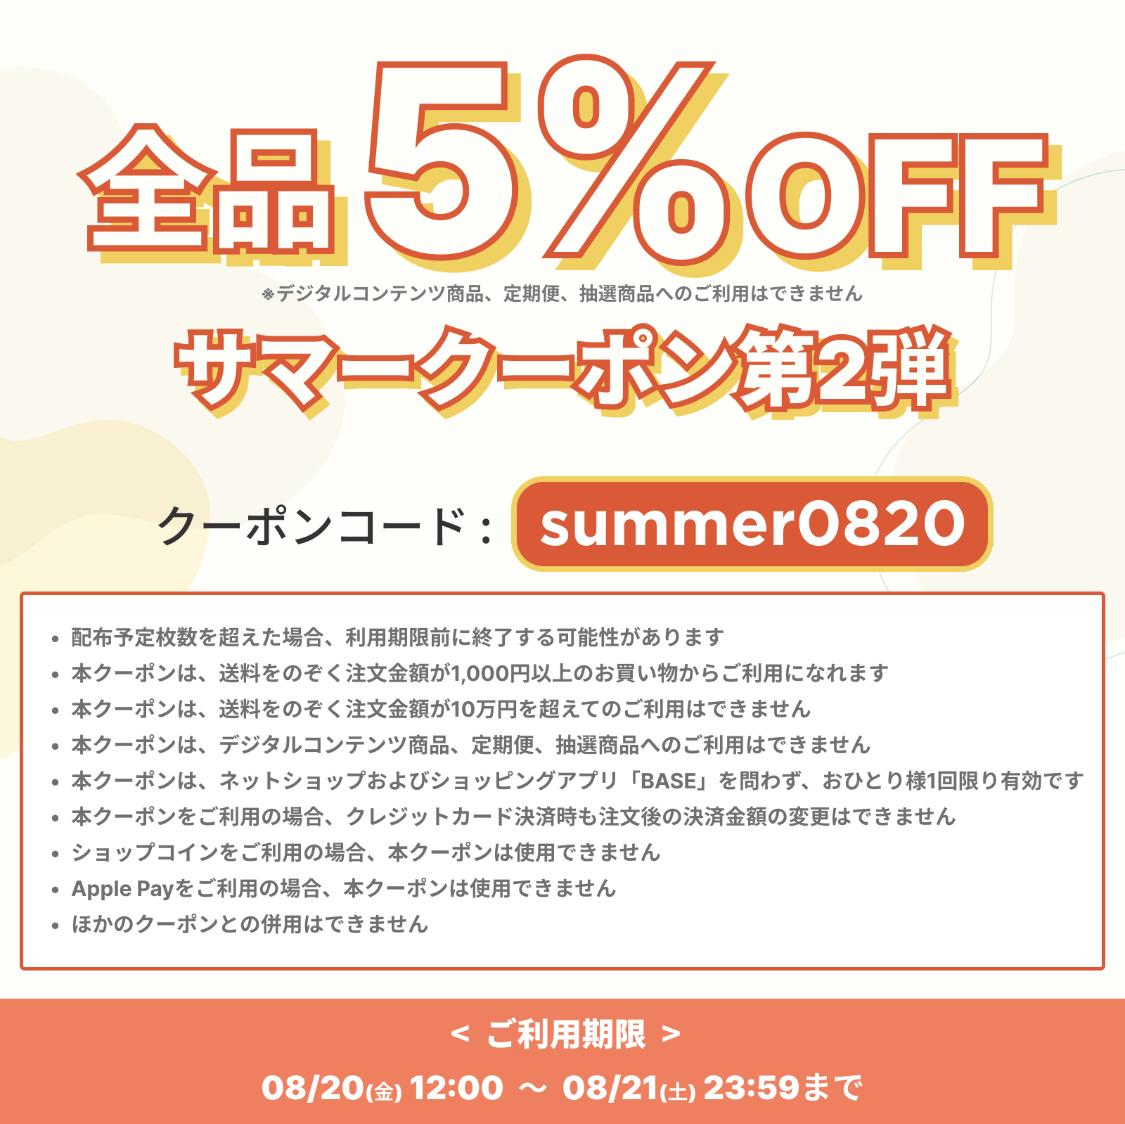 【8/20~8/21 期間限定!サマークーポン第2段!5%OFFクーポンをプレゼント♪】